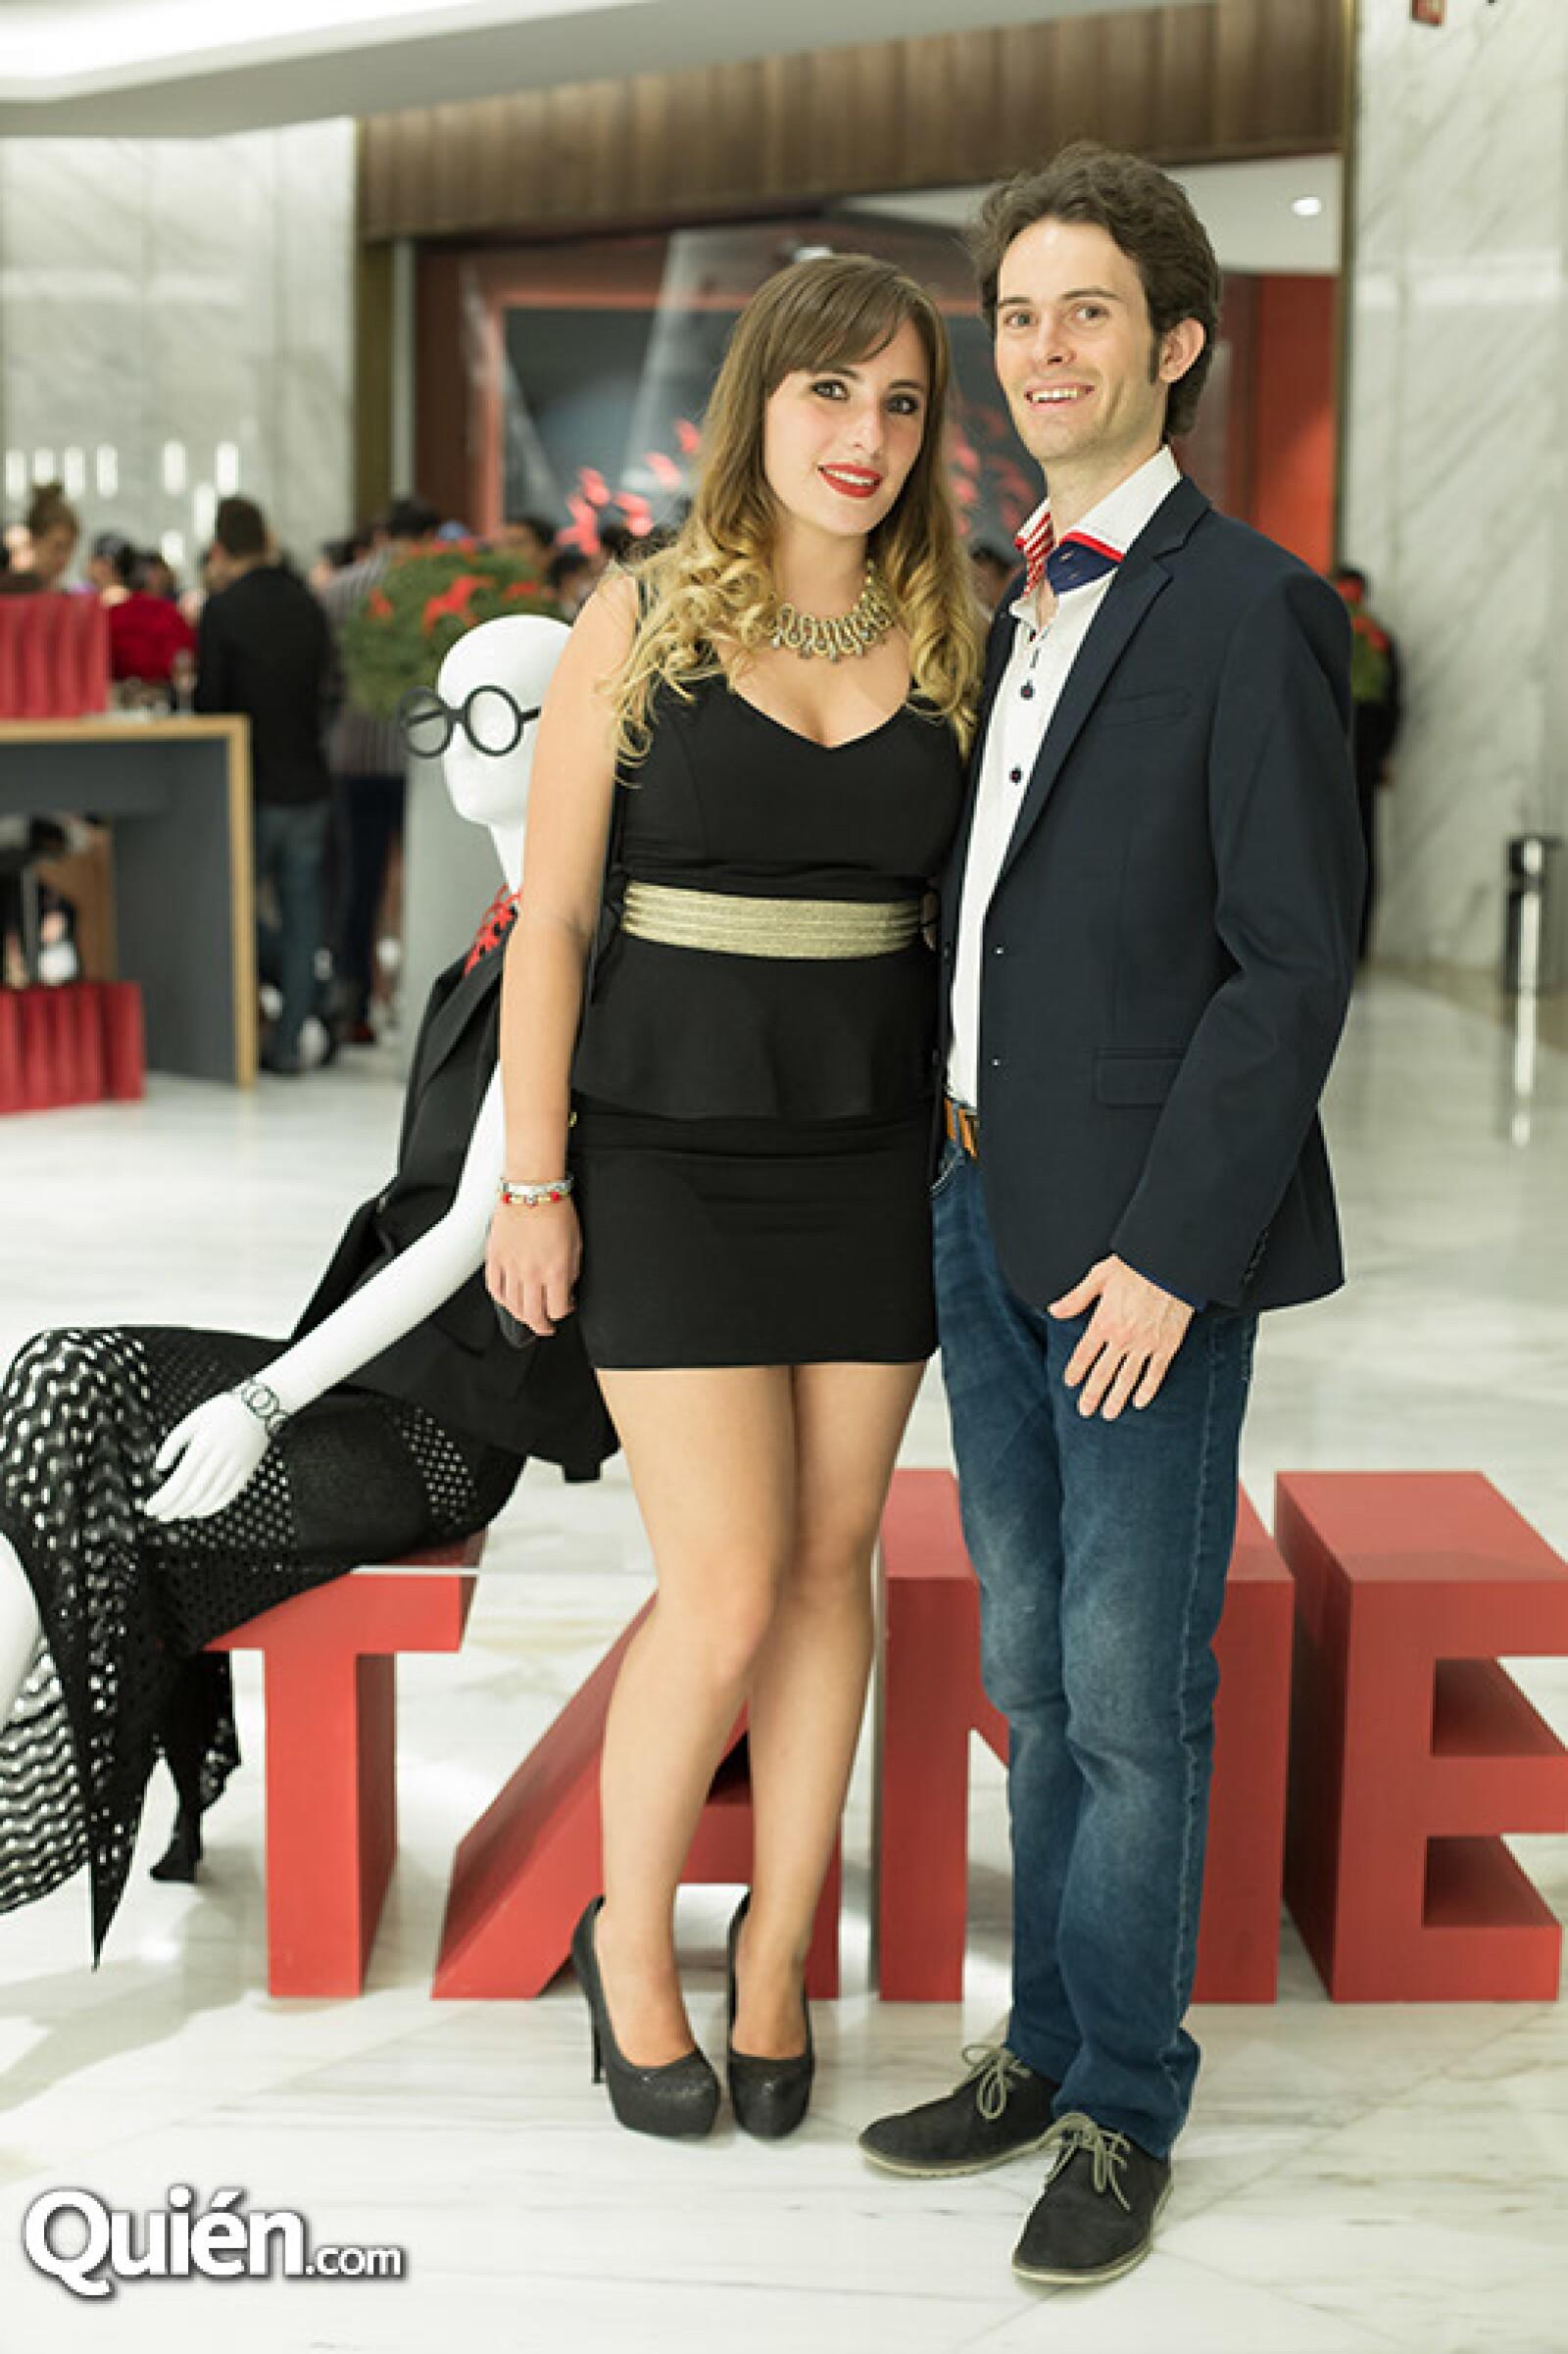 Karla Katiushka y Rafa Picard